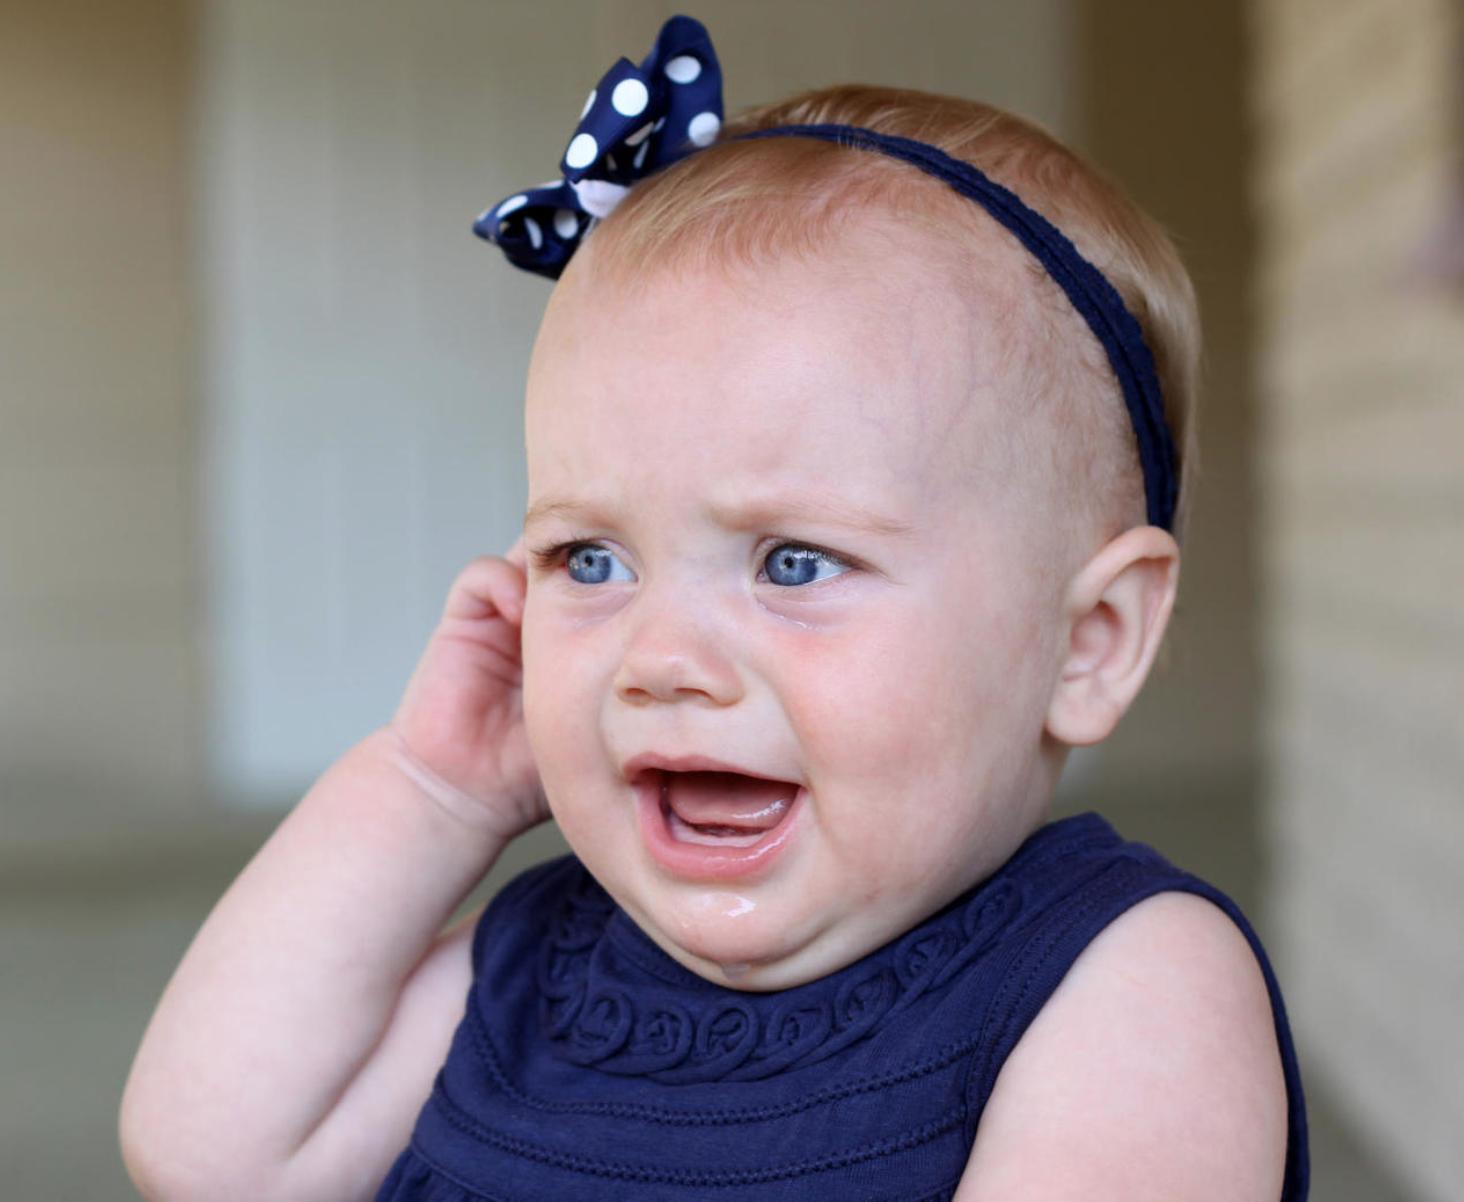 ejercicios para fortalecer el cuello en bebes